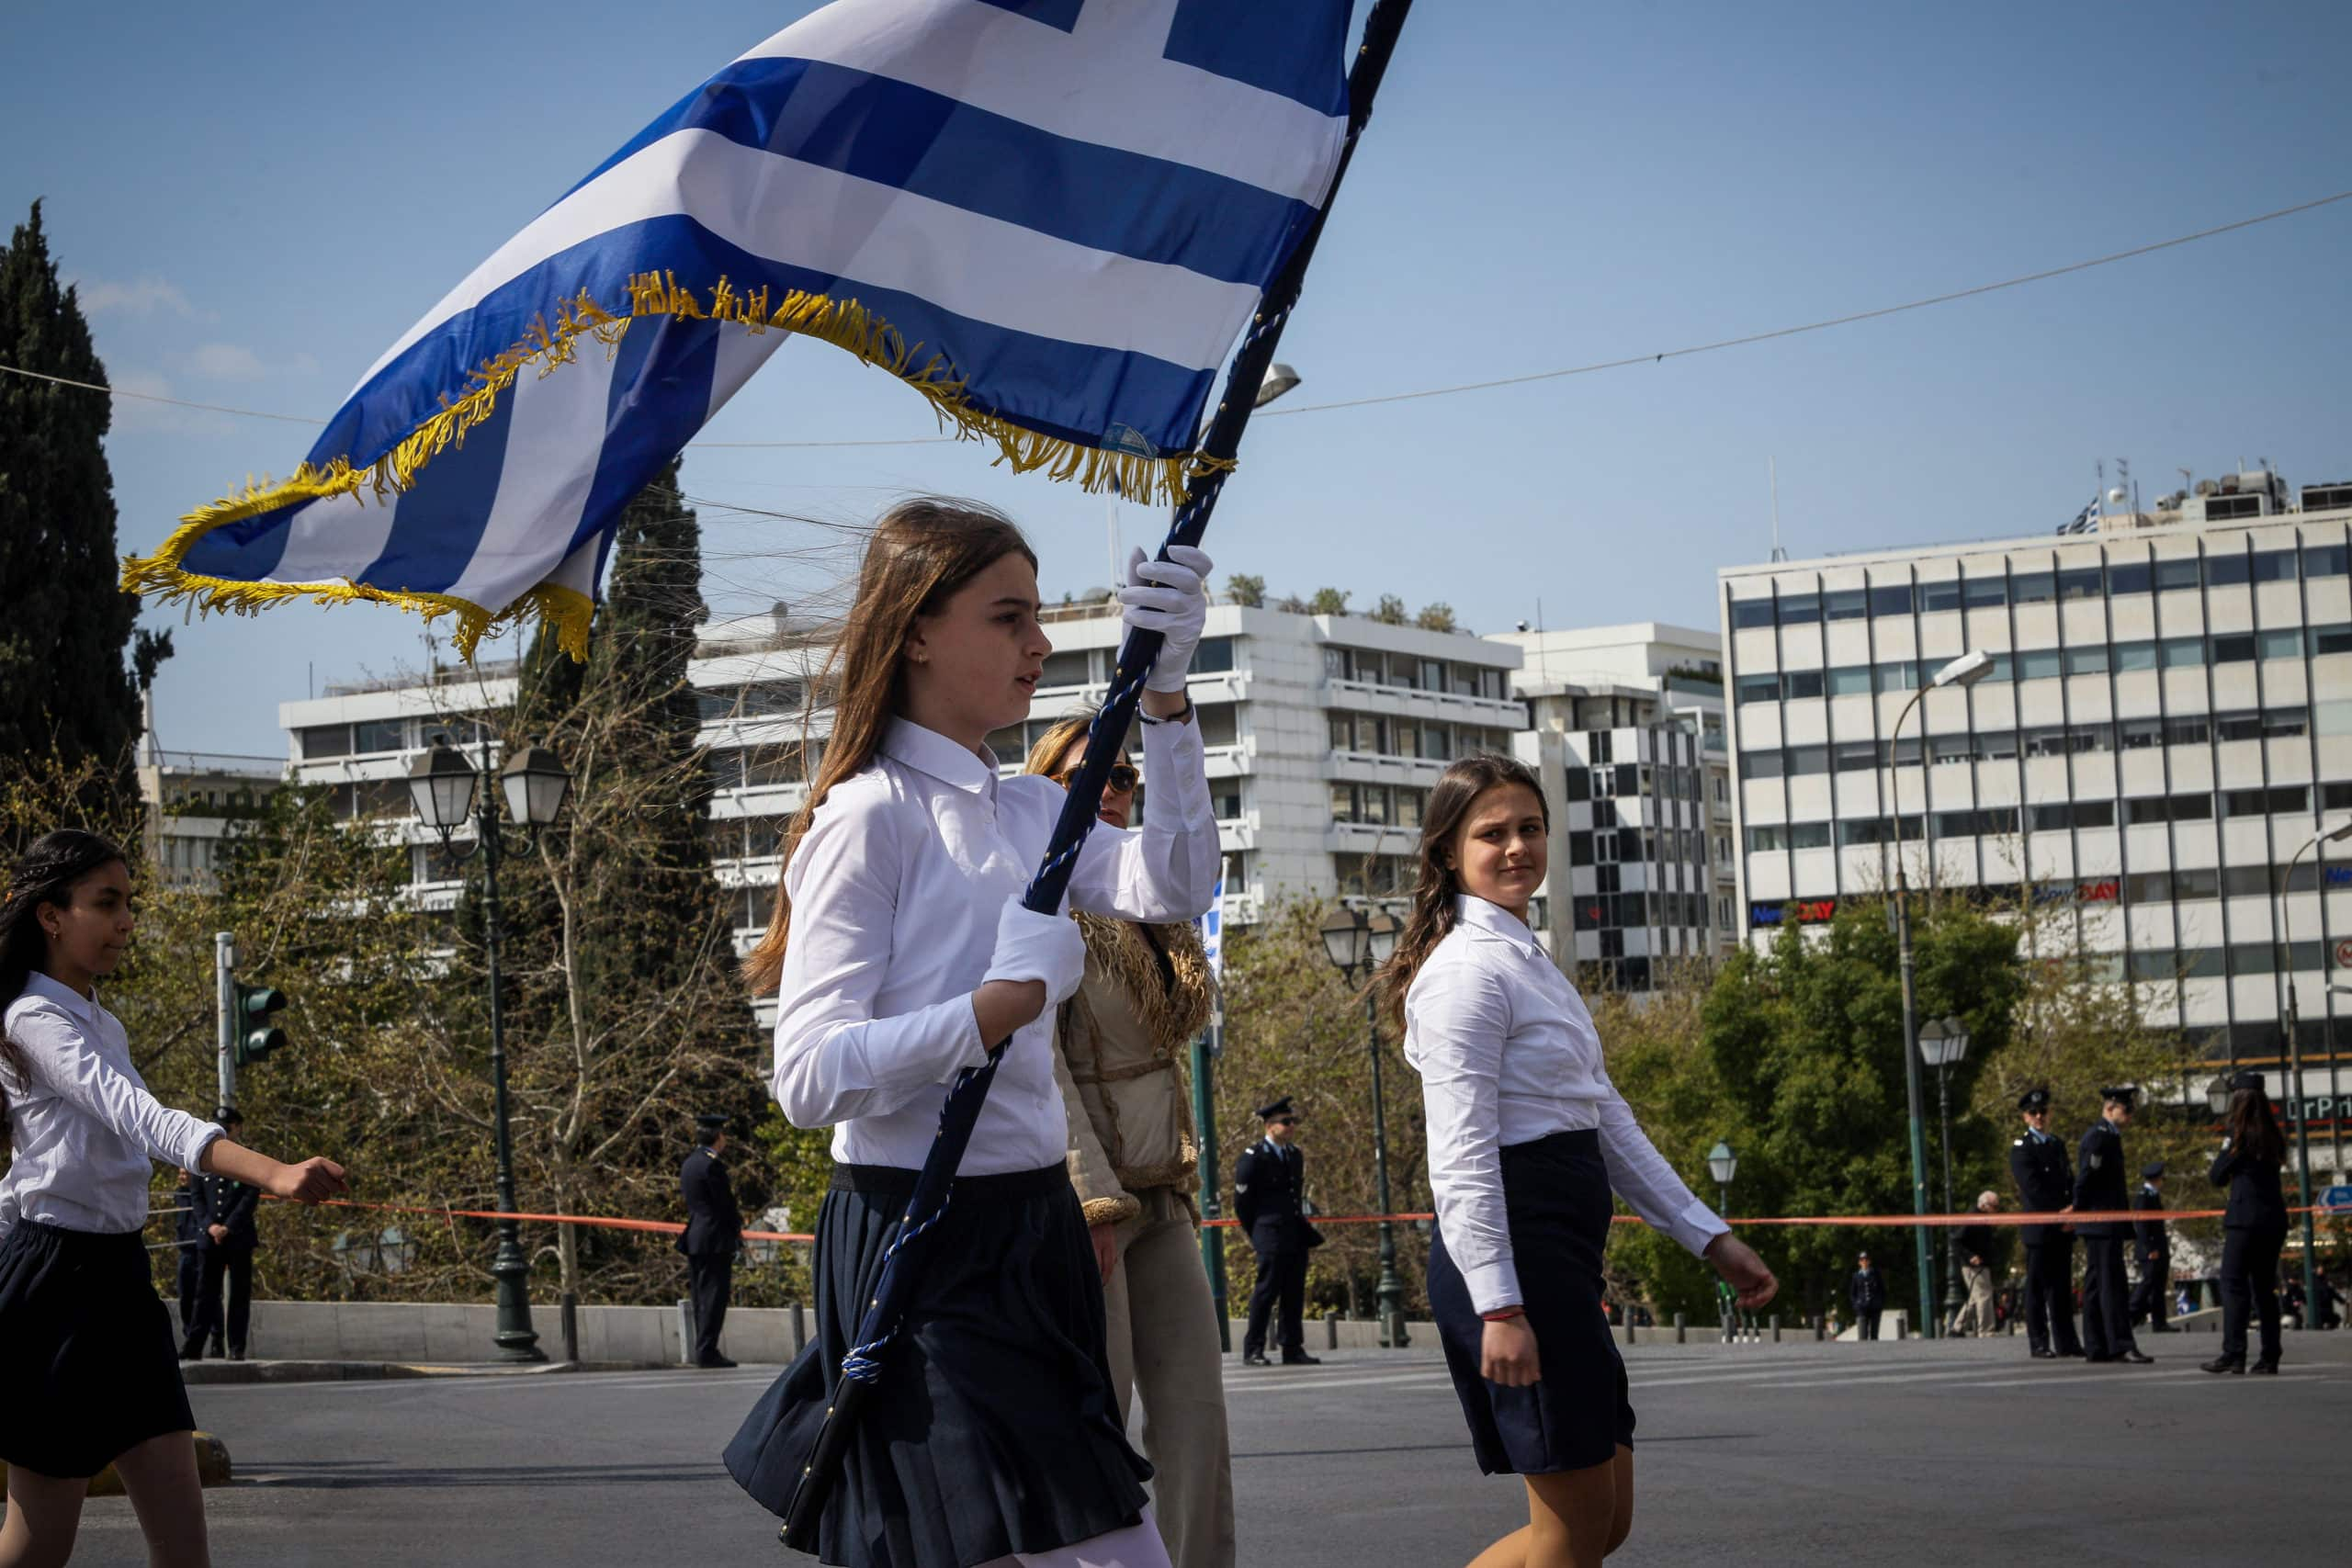 Παρωχημένη η μαθητική παρέλαση για την 25η Μαρτίου 28η Οκτωβρίου: Μαθητική παρέλαση Αθήνα Πειραιά - Κλειστοί δρόμοι